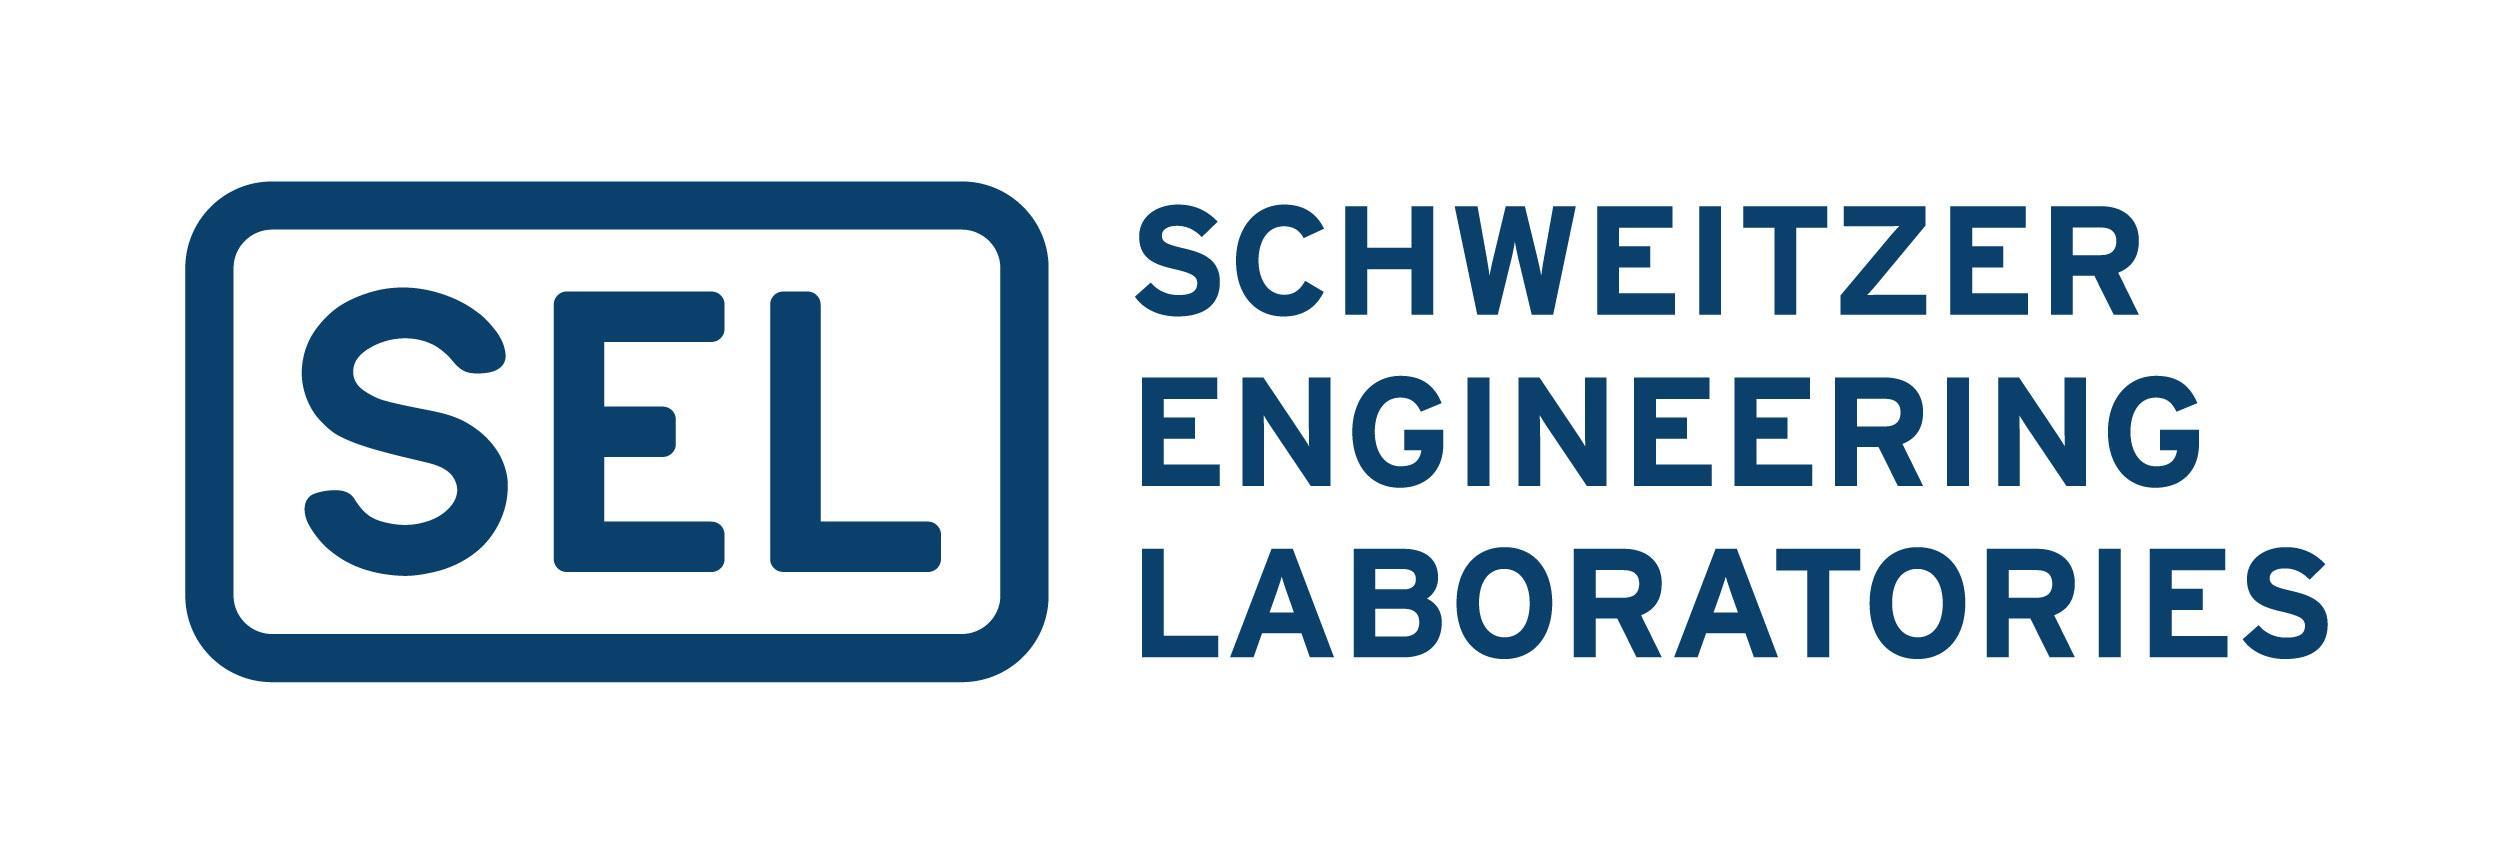 Schweitzer Engineering Laboratories, Inc. Logo